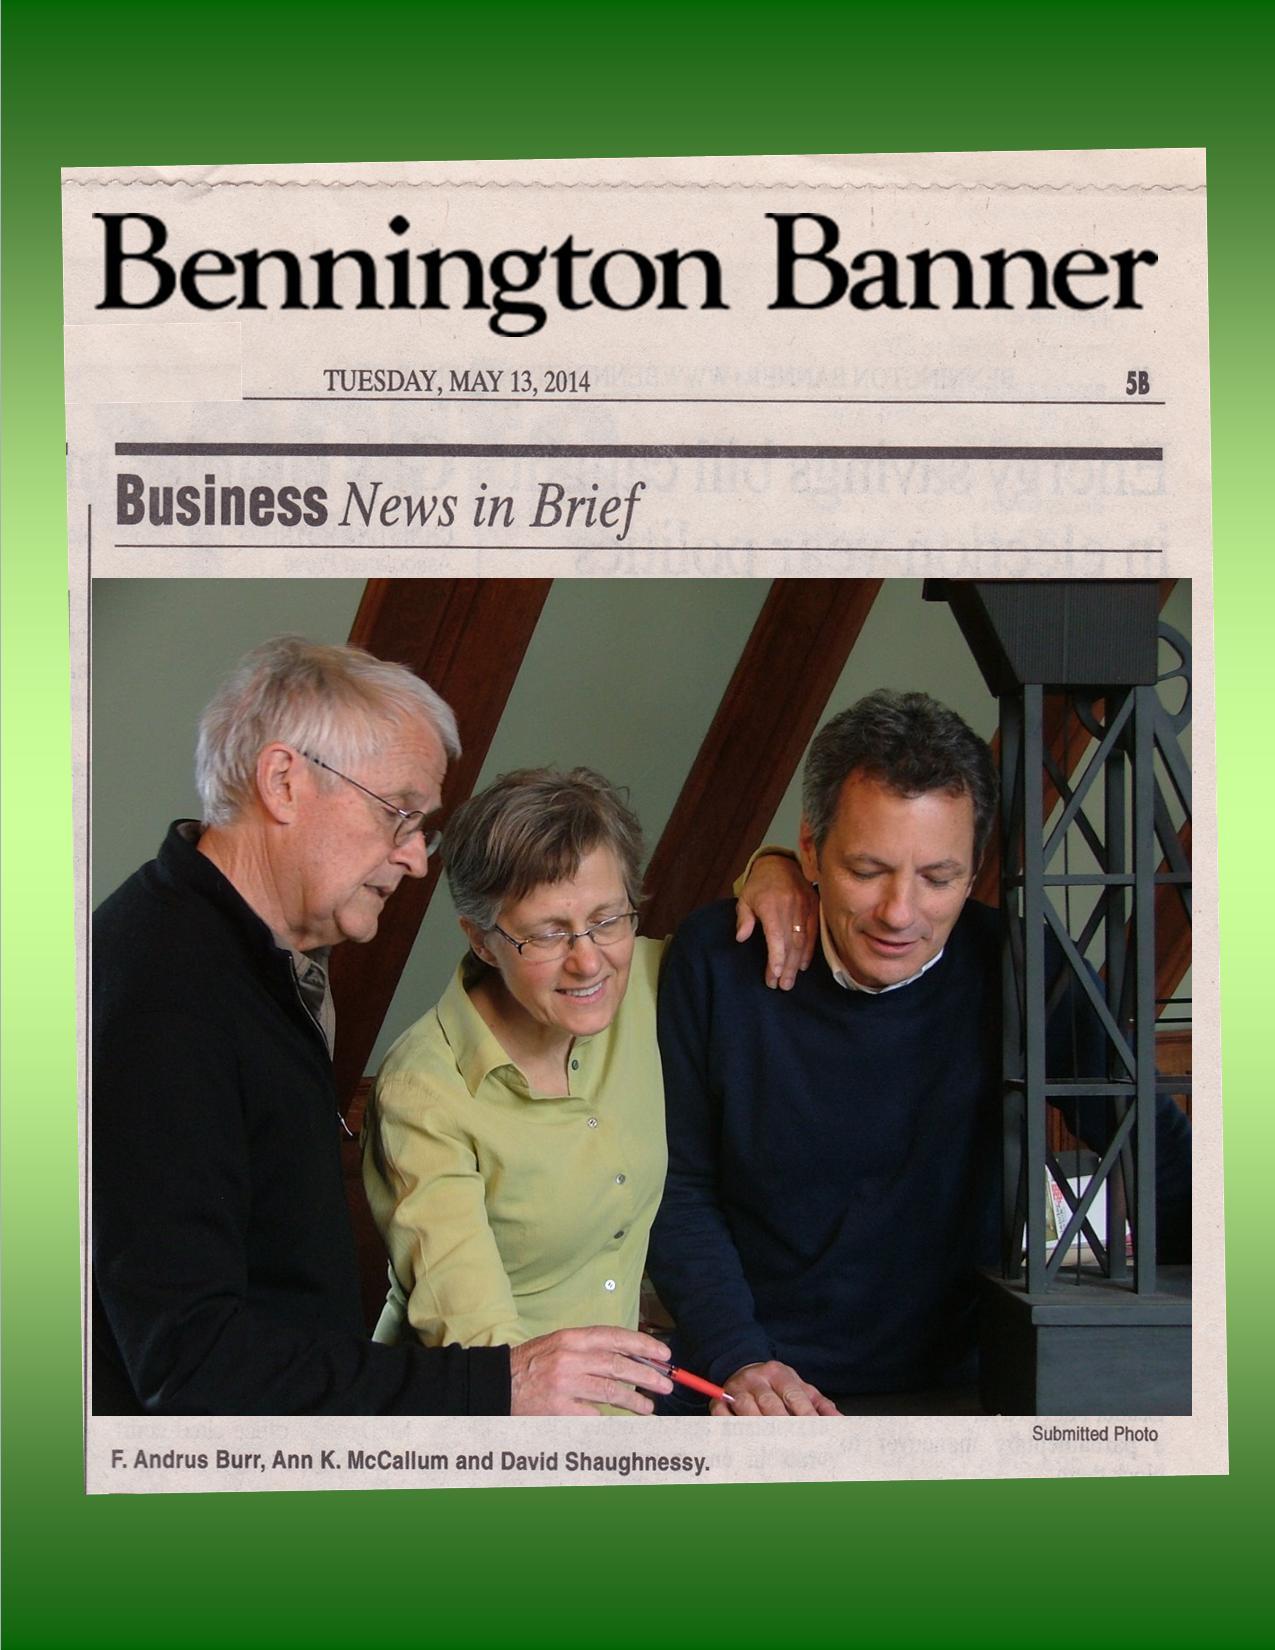 Benn Banner Two Jpg.jpg